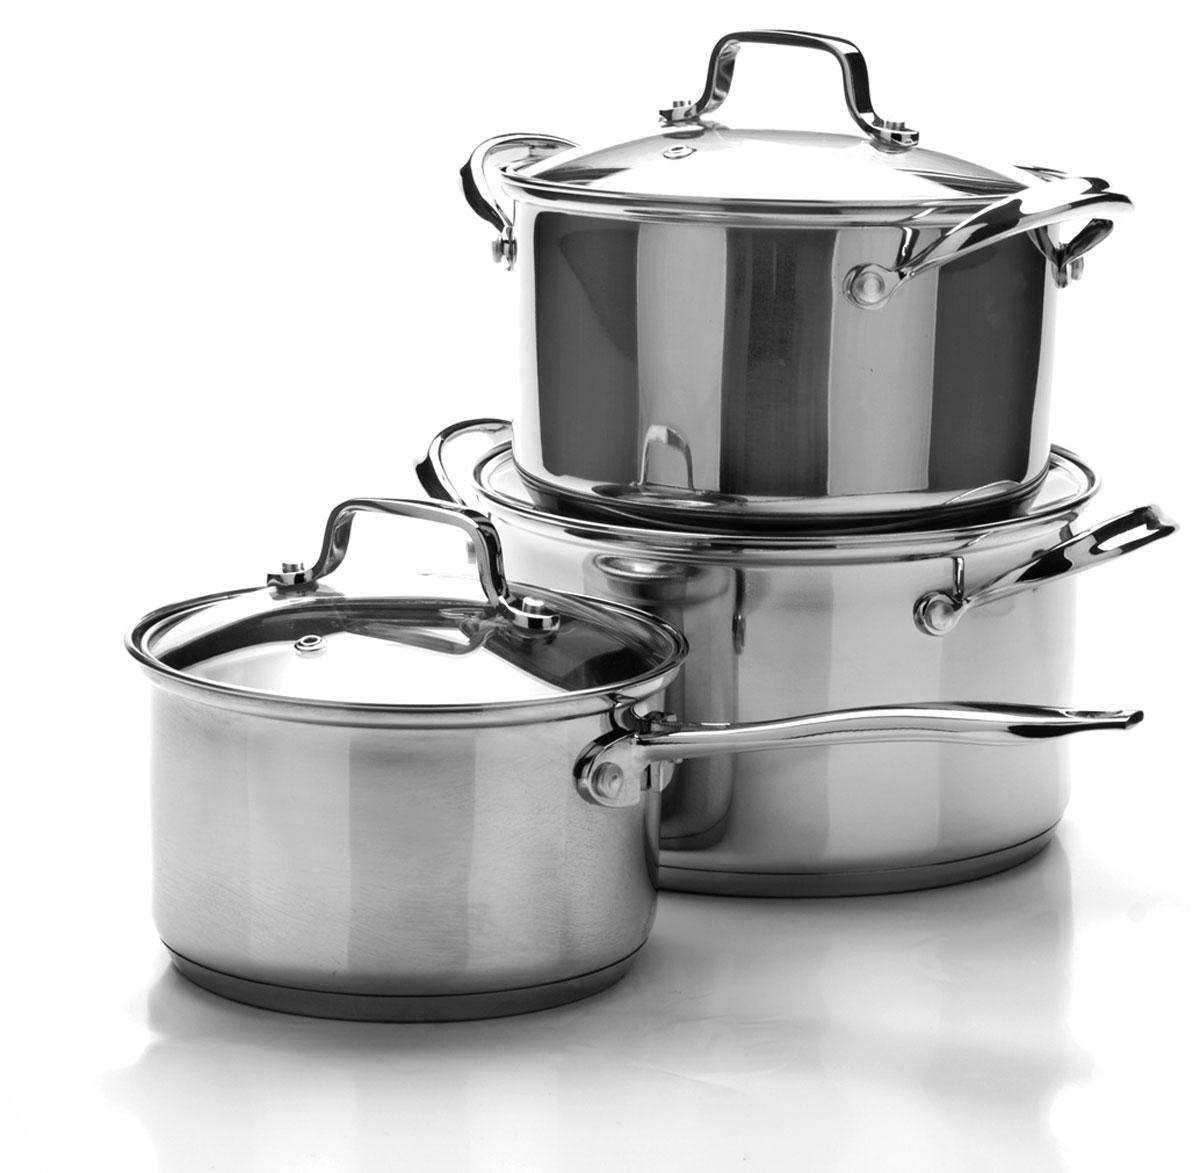 Набор посуды Mayer & Boch, 6 предметов. 2509325093Набор посуды станет отличным дополнением к набору кухонной утвари. С его приобретением приготовление ваших любимых блюд перейдет на качественно новый уровень и вы сможете воплотить в жизнь любые кулинарные идеи. В комплект входят 6 предметов: 3 кастрюли (объем 2/ 2,7/ 3,7), 3 крышки. Набор многофункционален и удобен в использовании, подойдет для варки супов, приготовления блюд из мяса и рыбы, гарниров, соусов т. д.